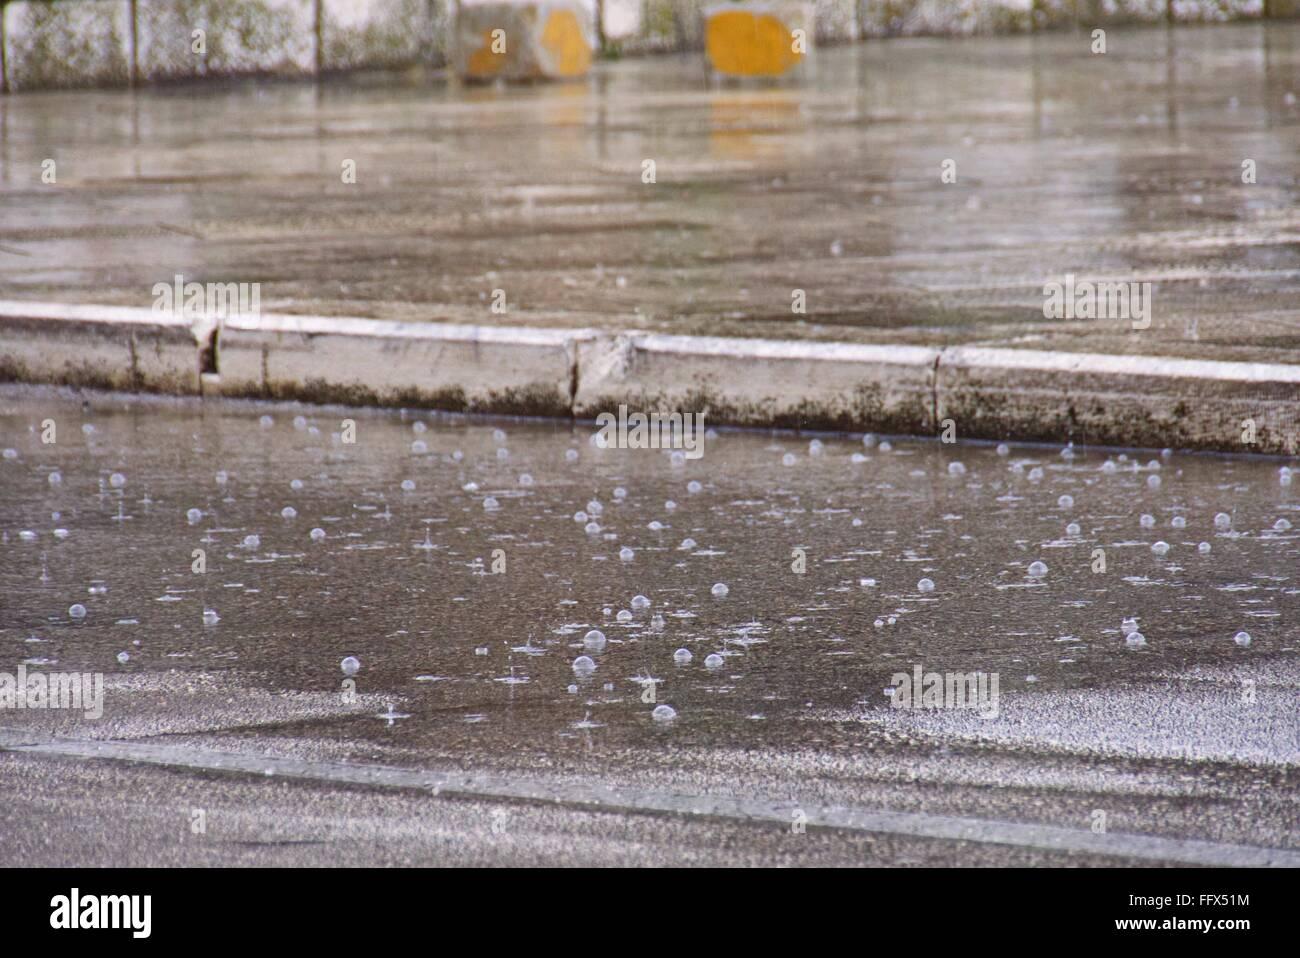 Rainfall On Street - Stock Image